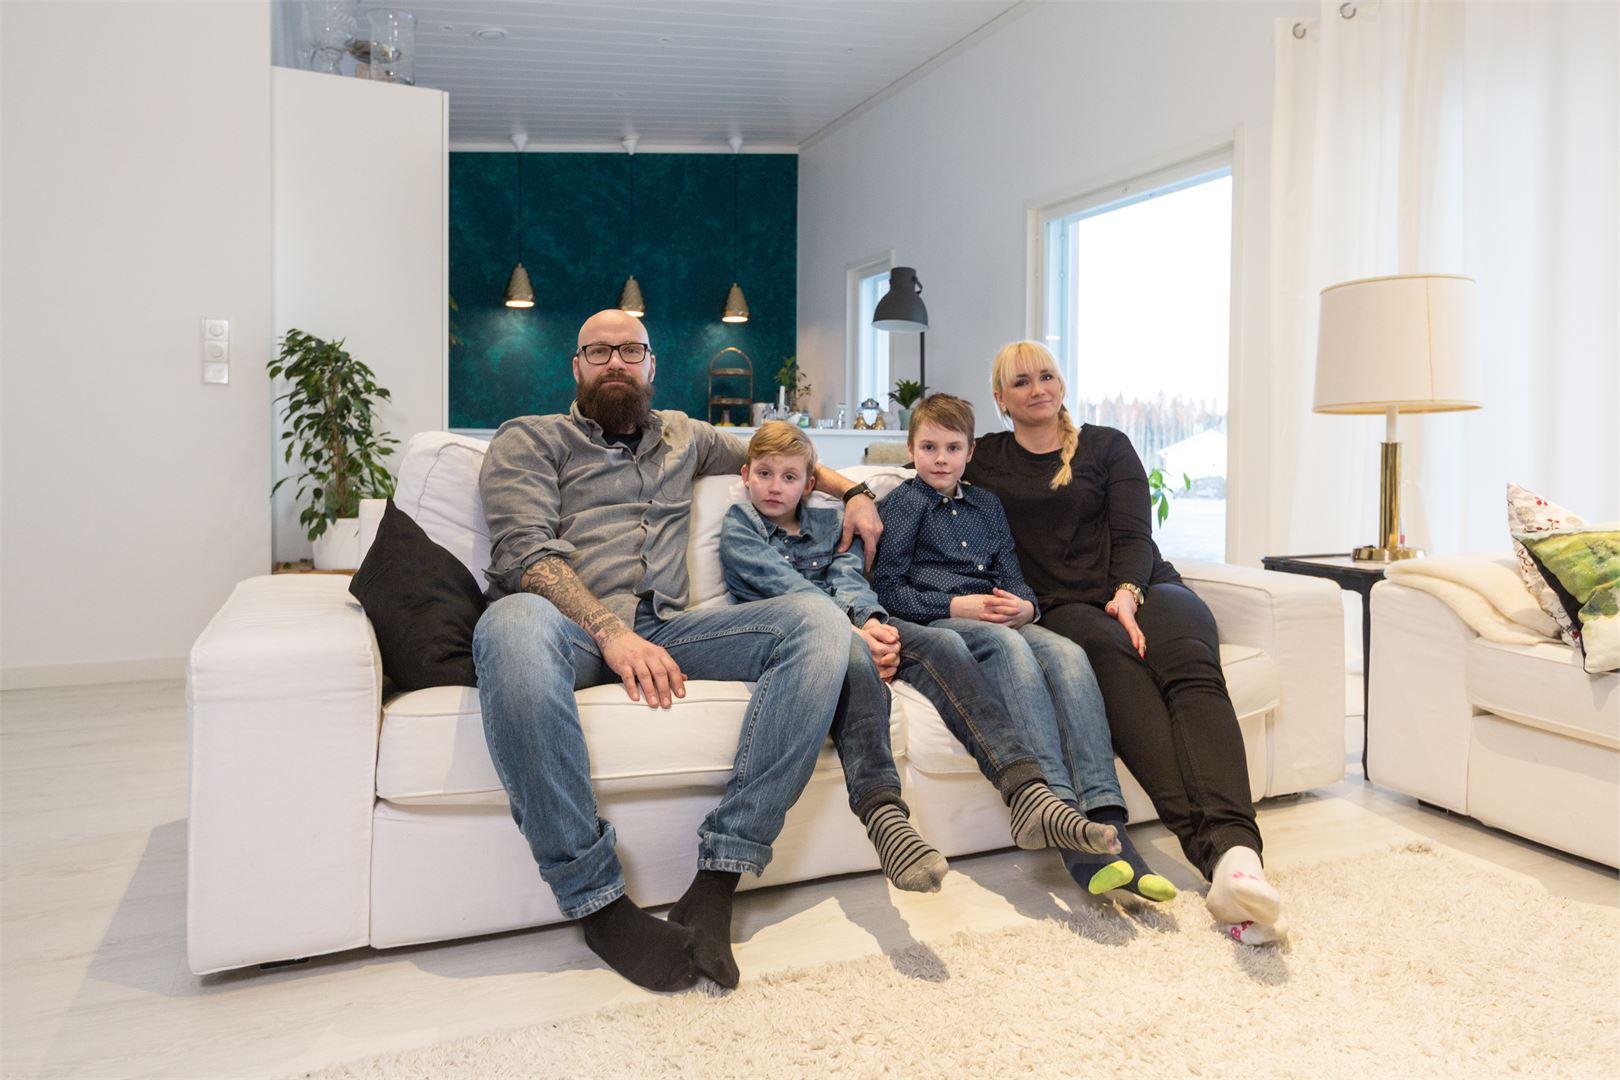 Perhe viihtyy uudessa kodissaan paremmin kuin hyvin.